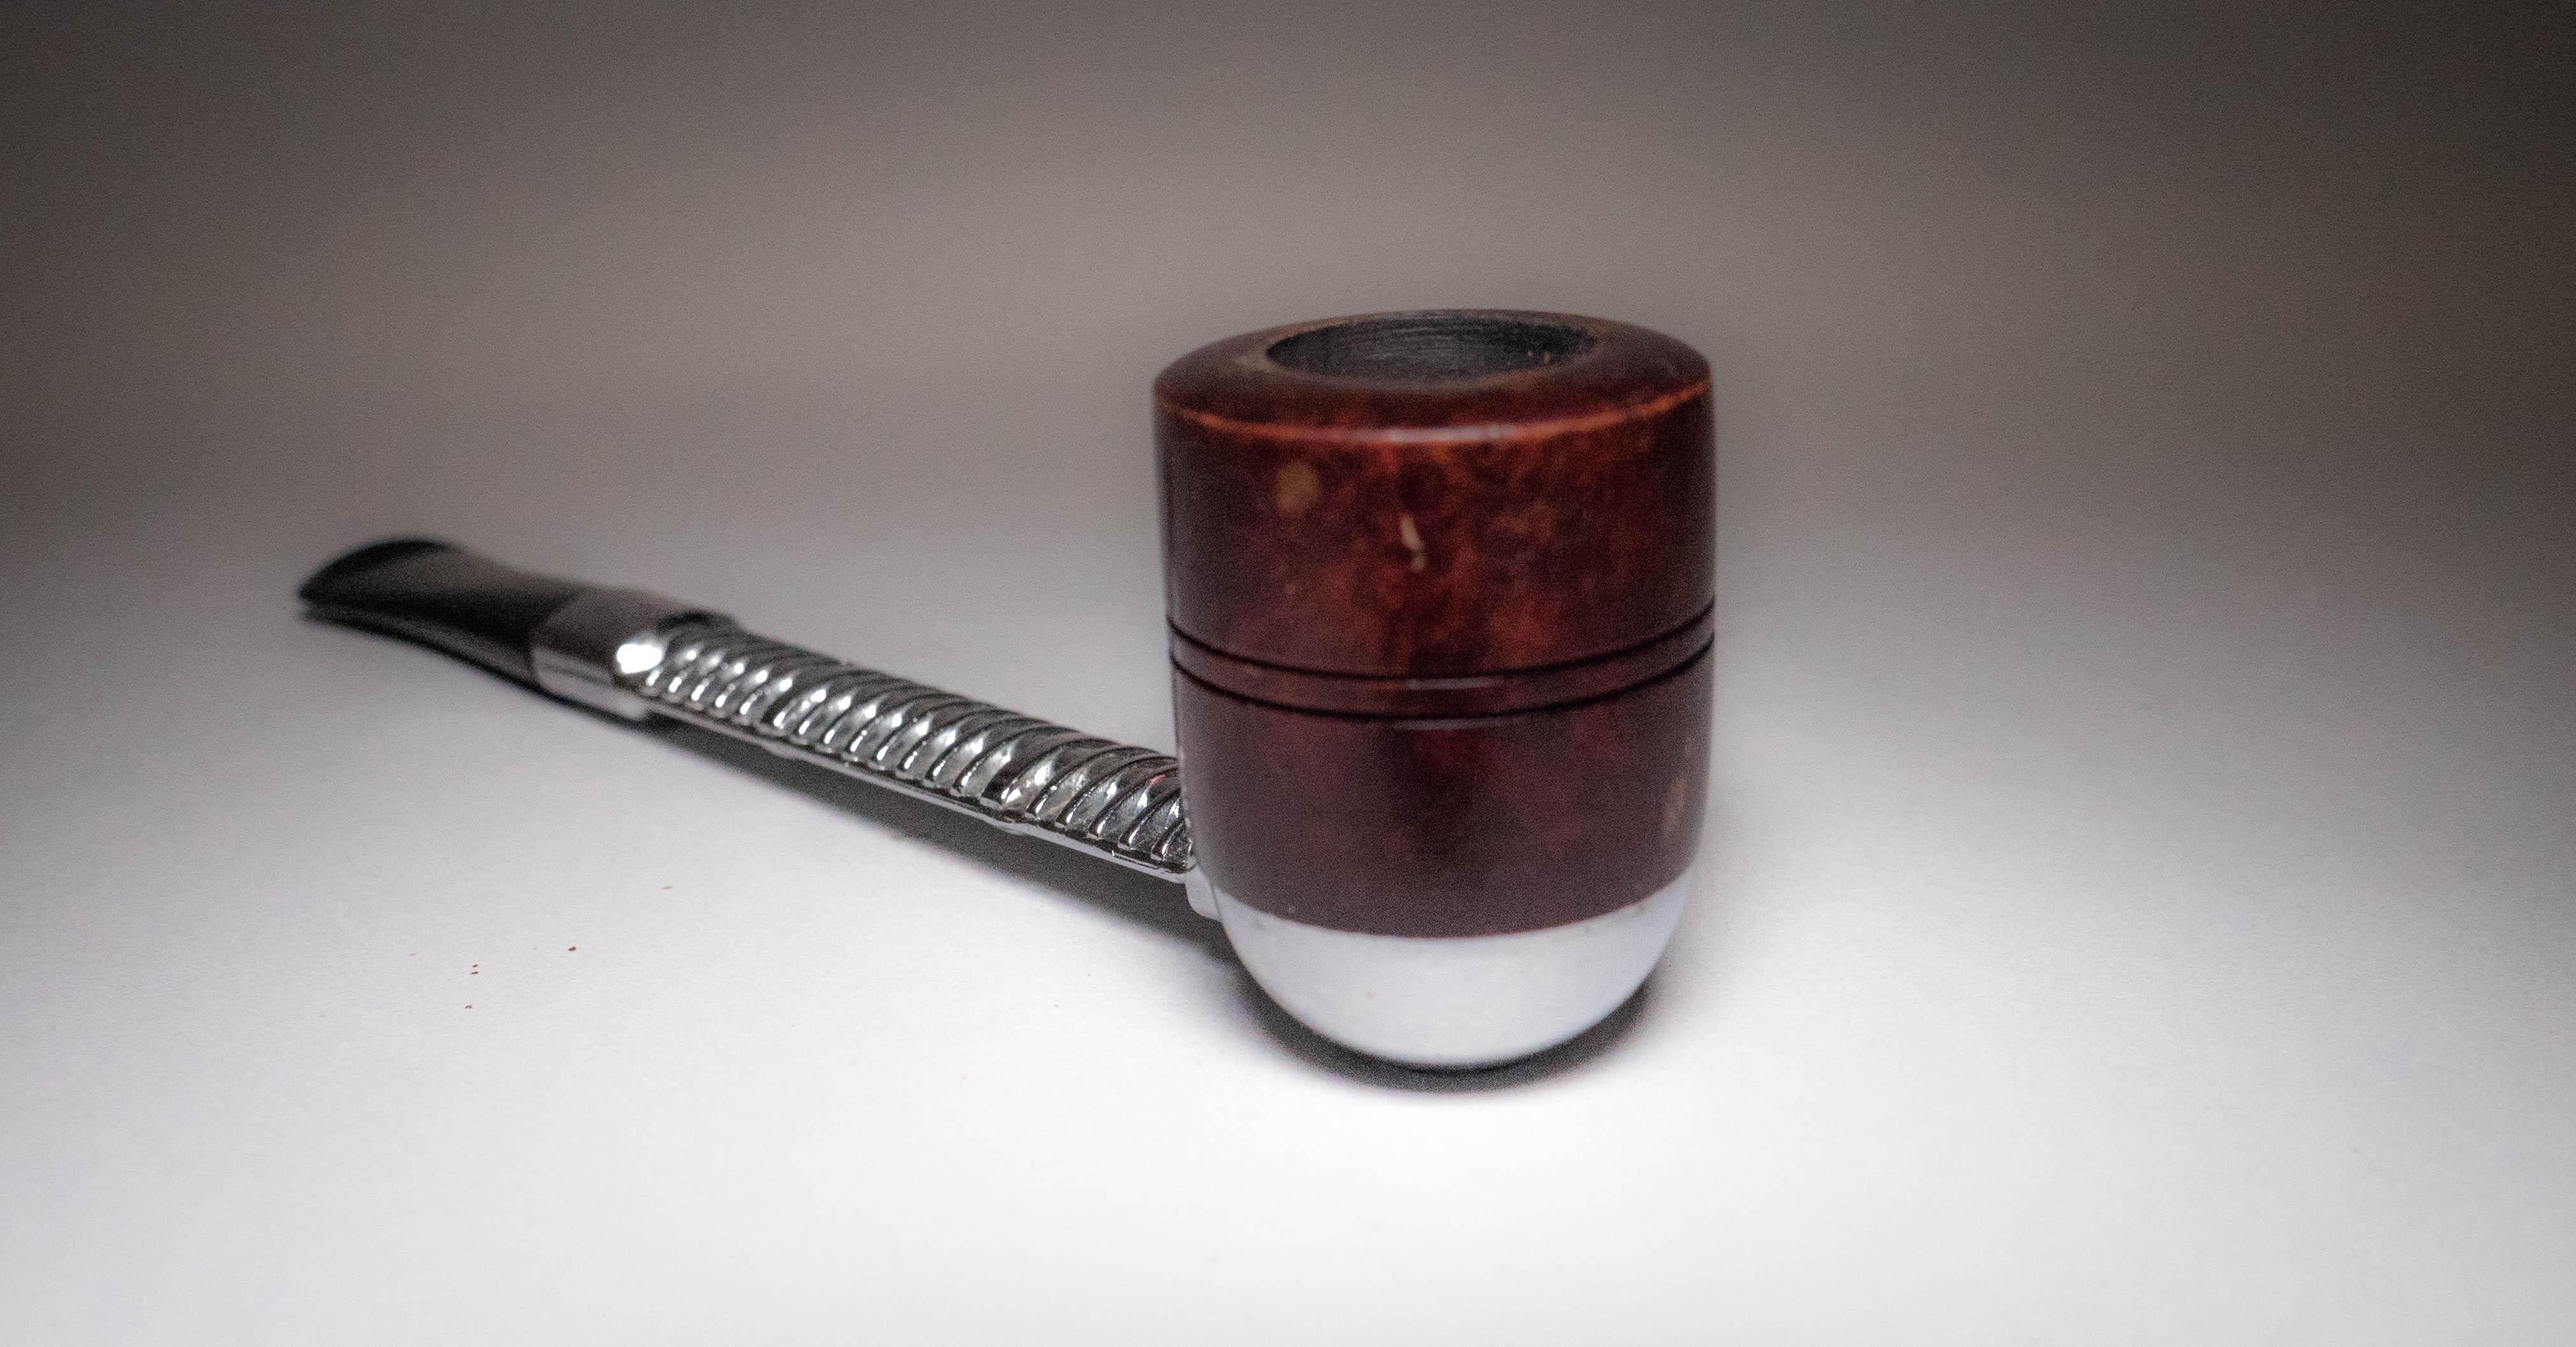 Pipe Materials - Metal